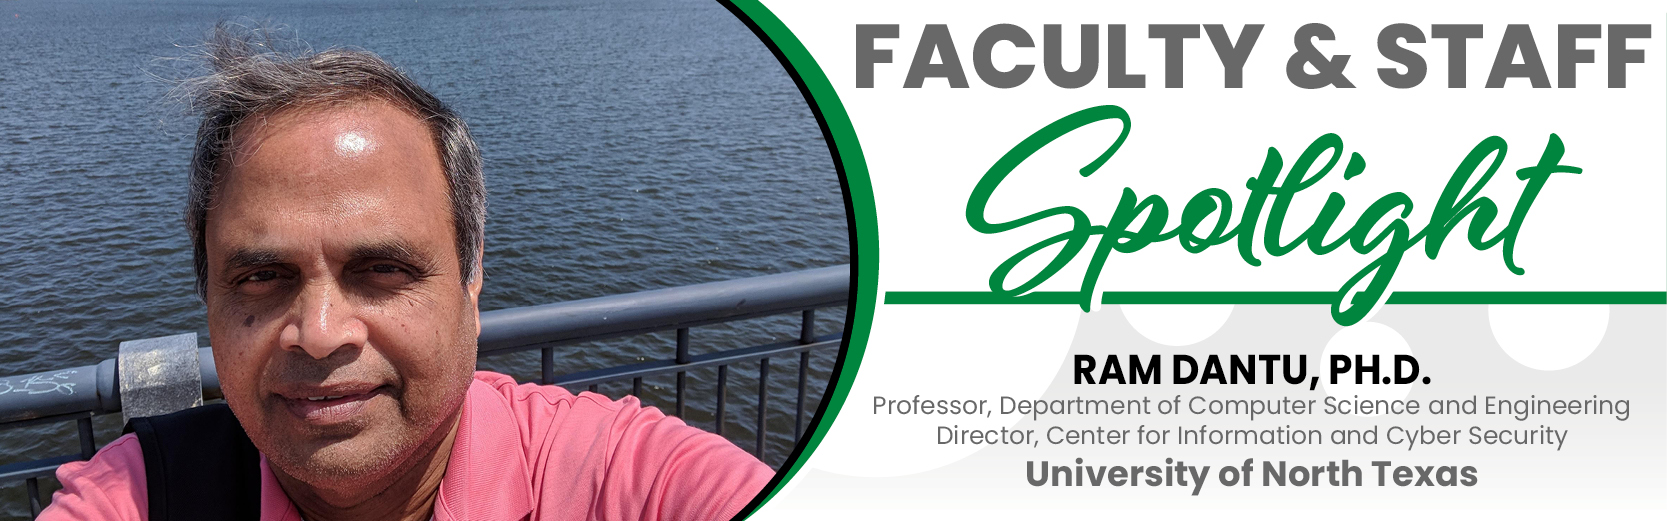 Ram Dantu, Ph.D, UNT